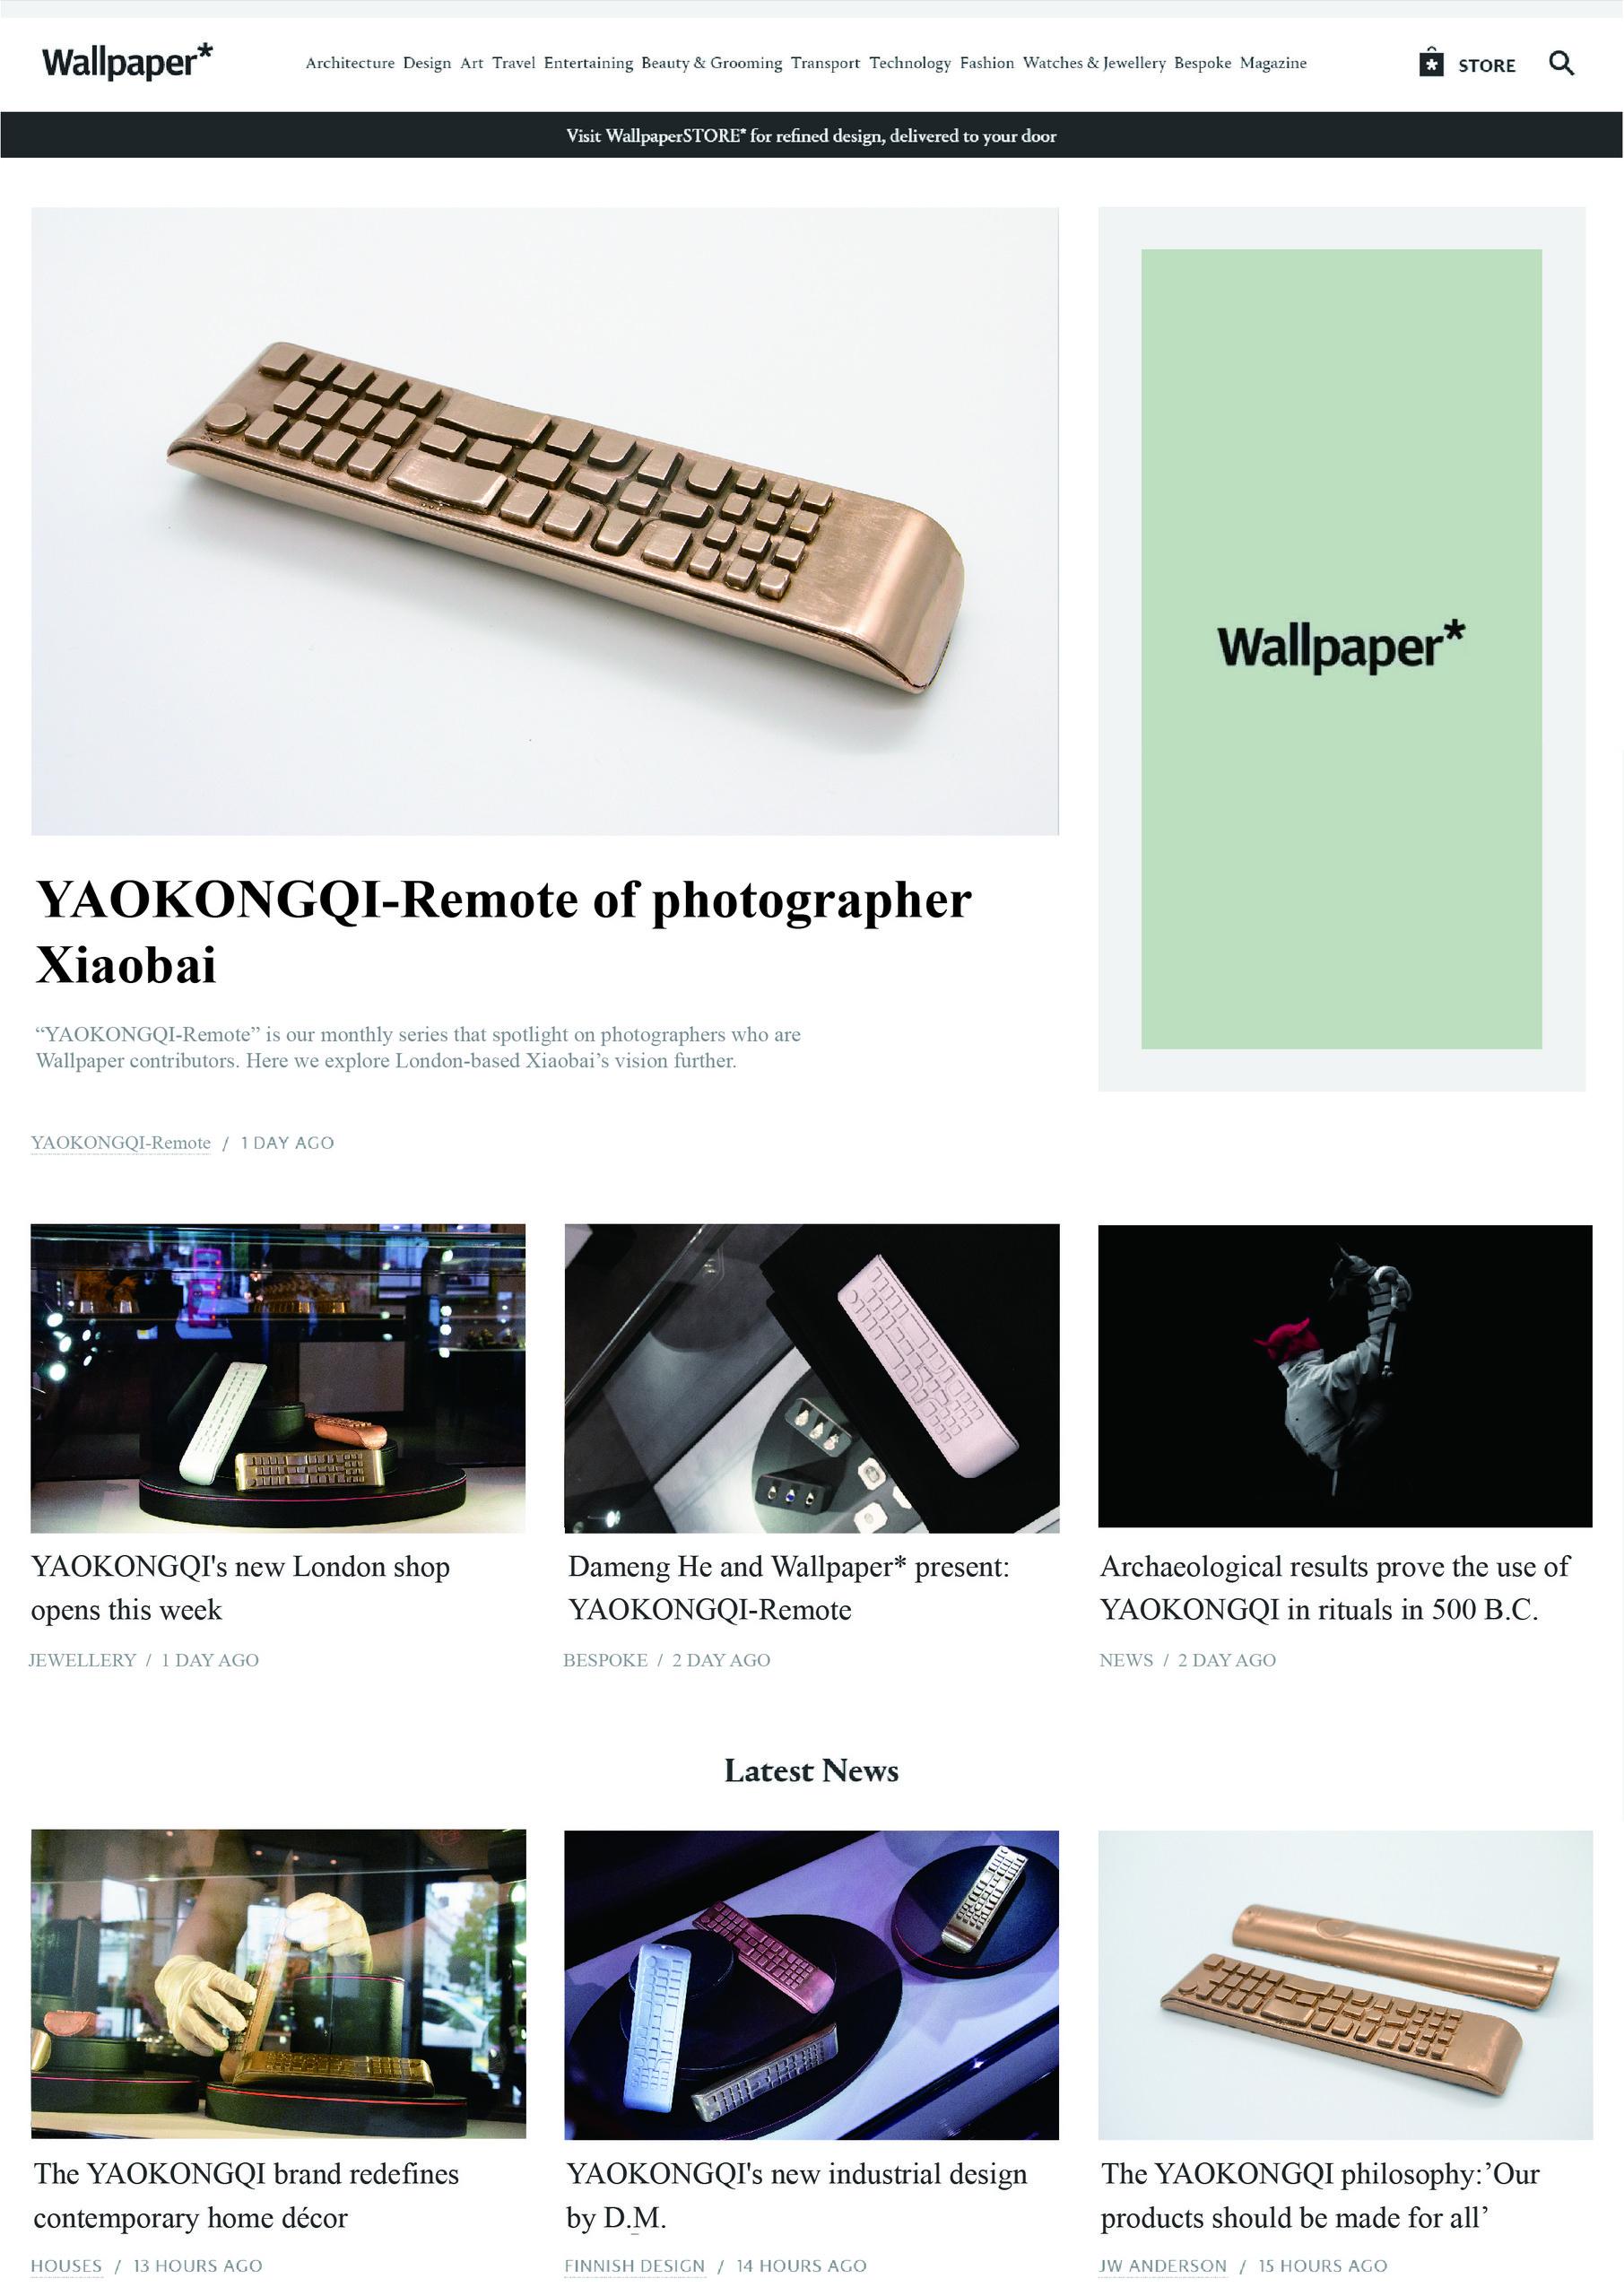 YAOKONGQI —WEBSITE PUBLICITY